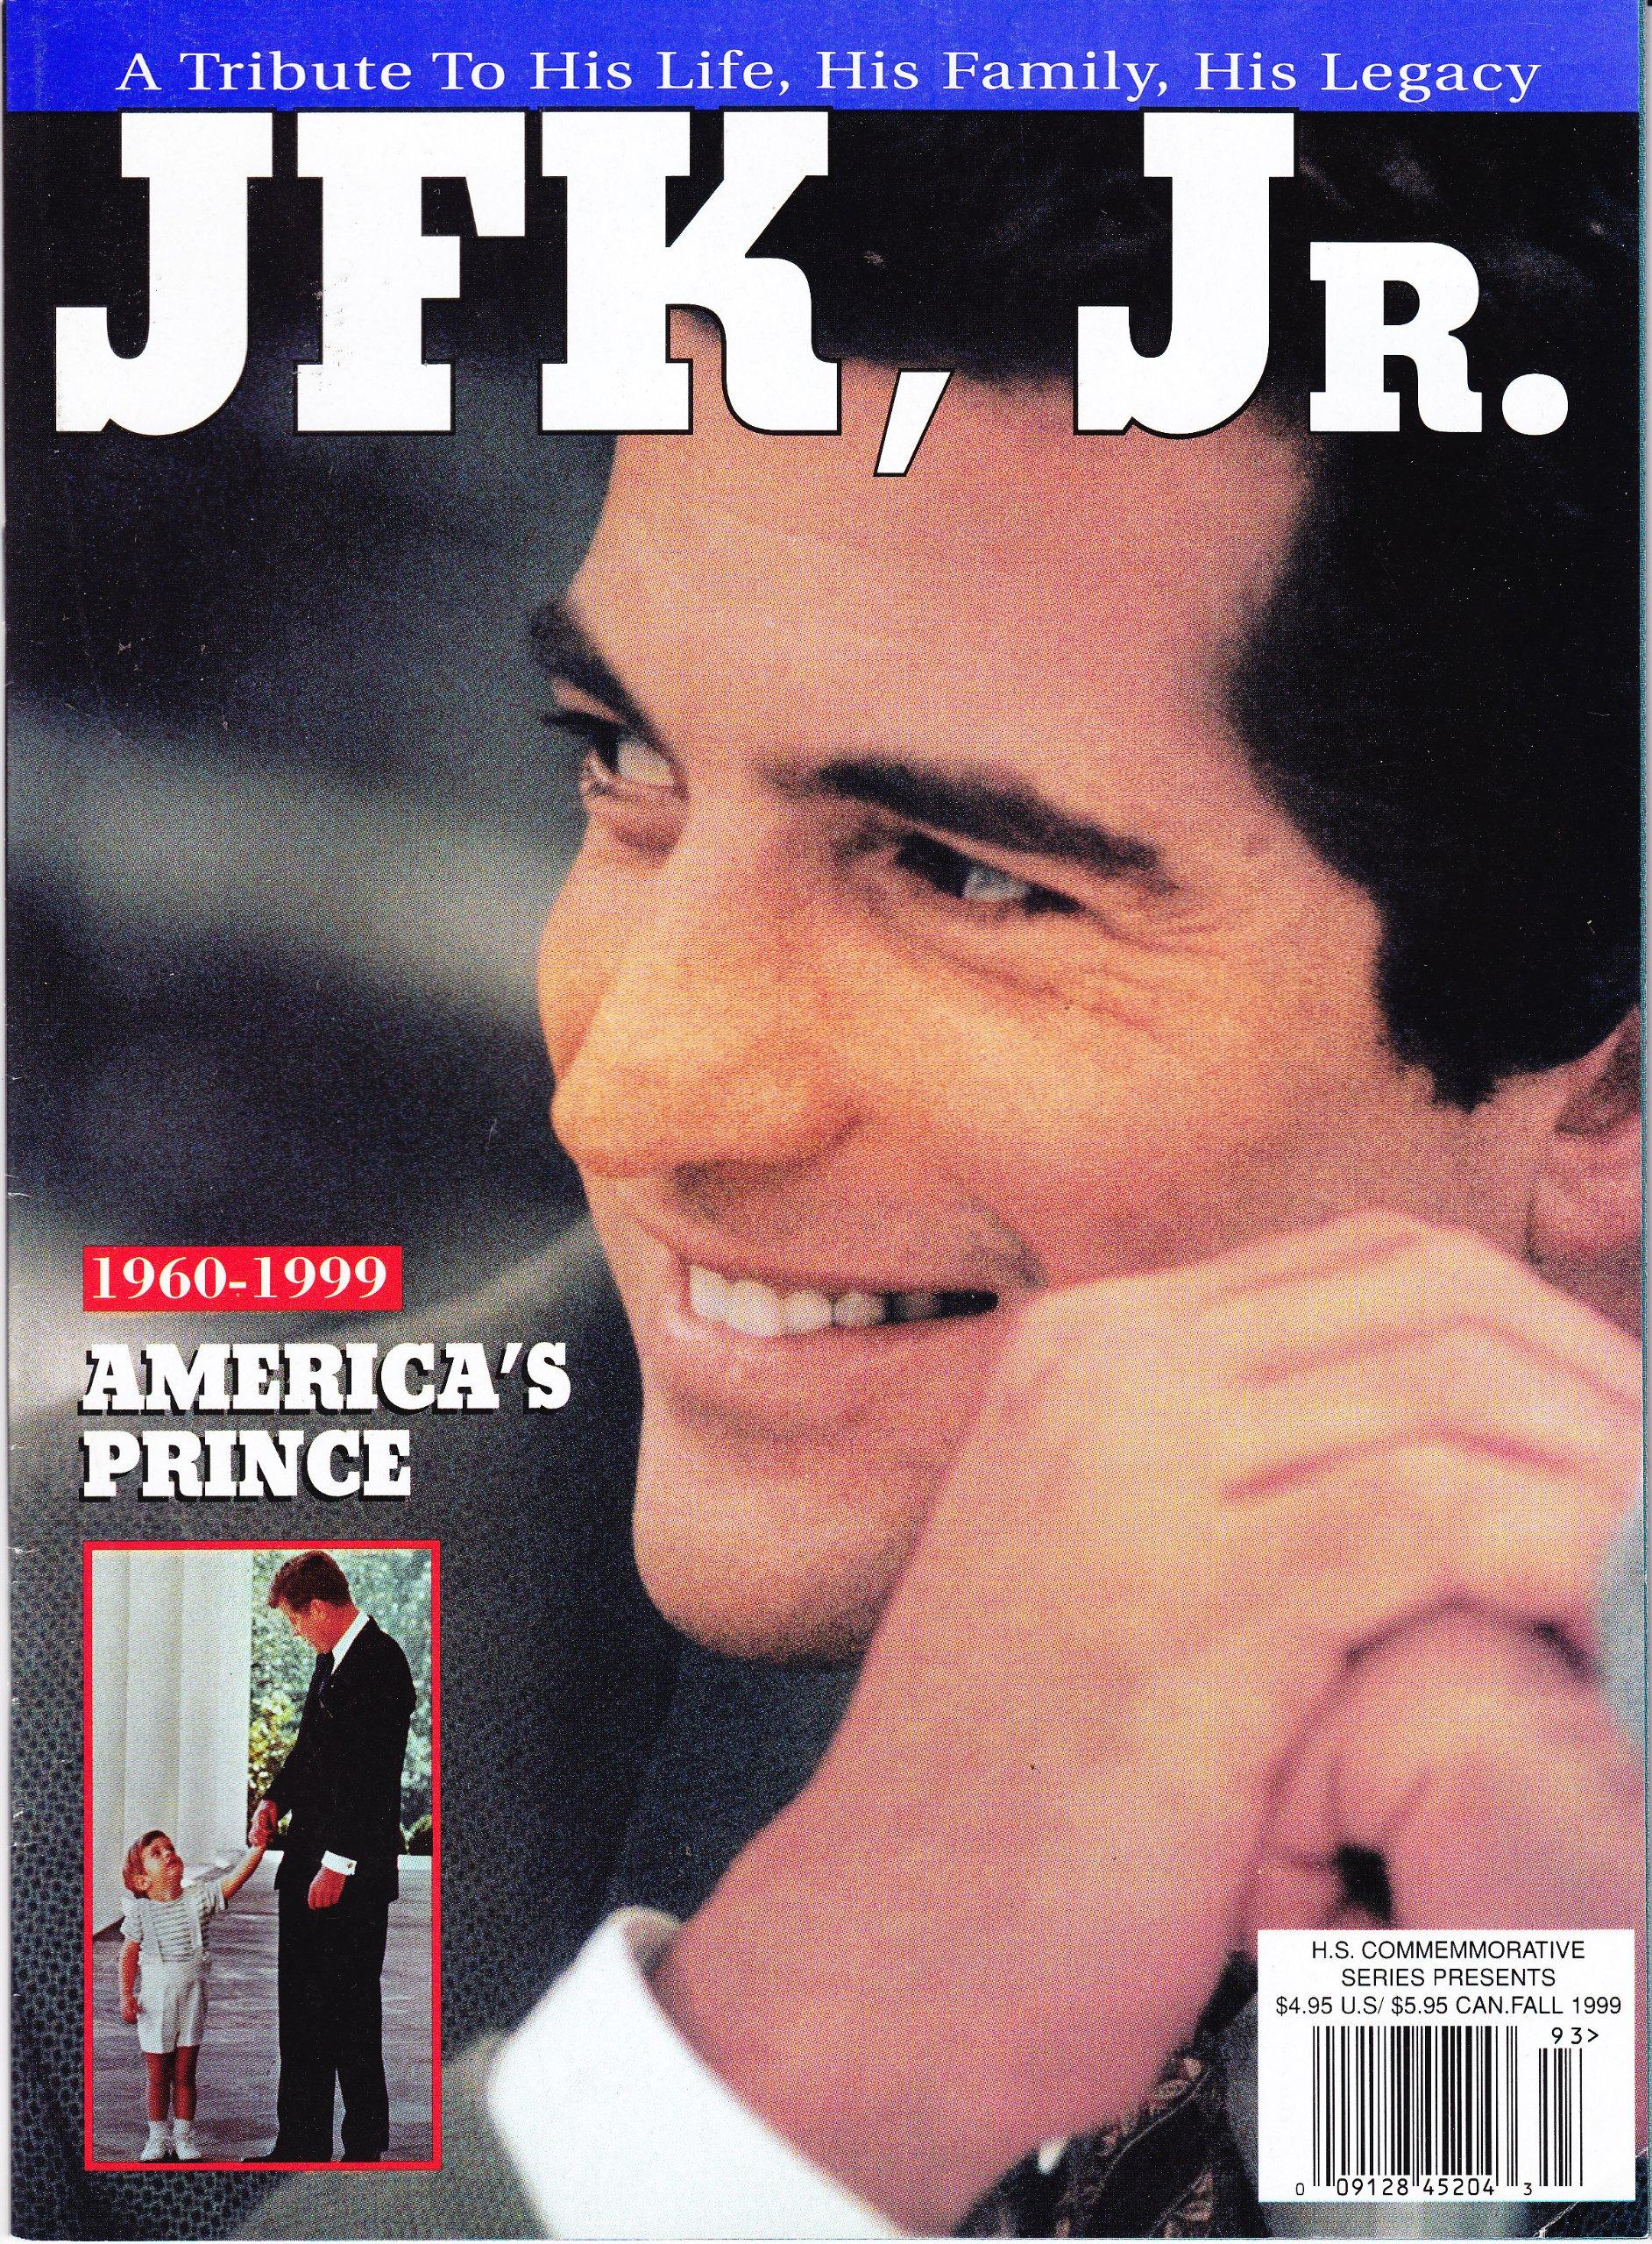 Americas Prince, J.F.K. Jr.